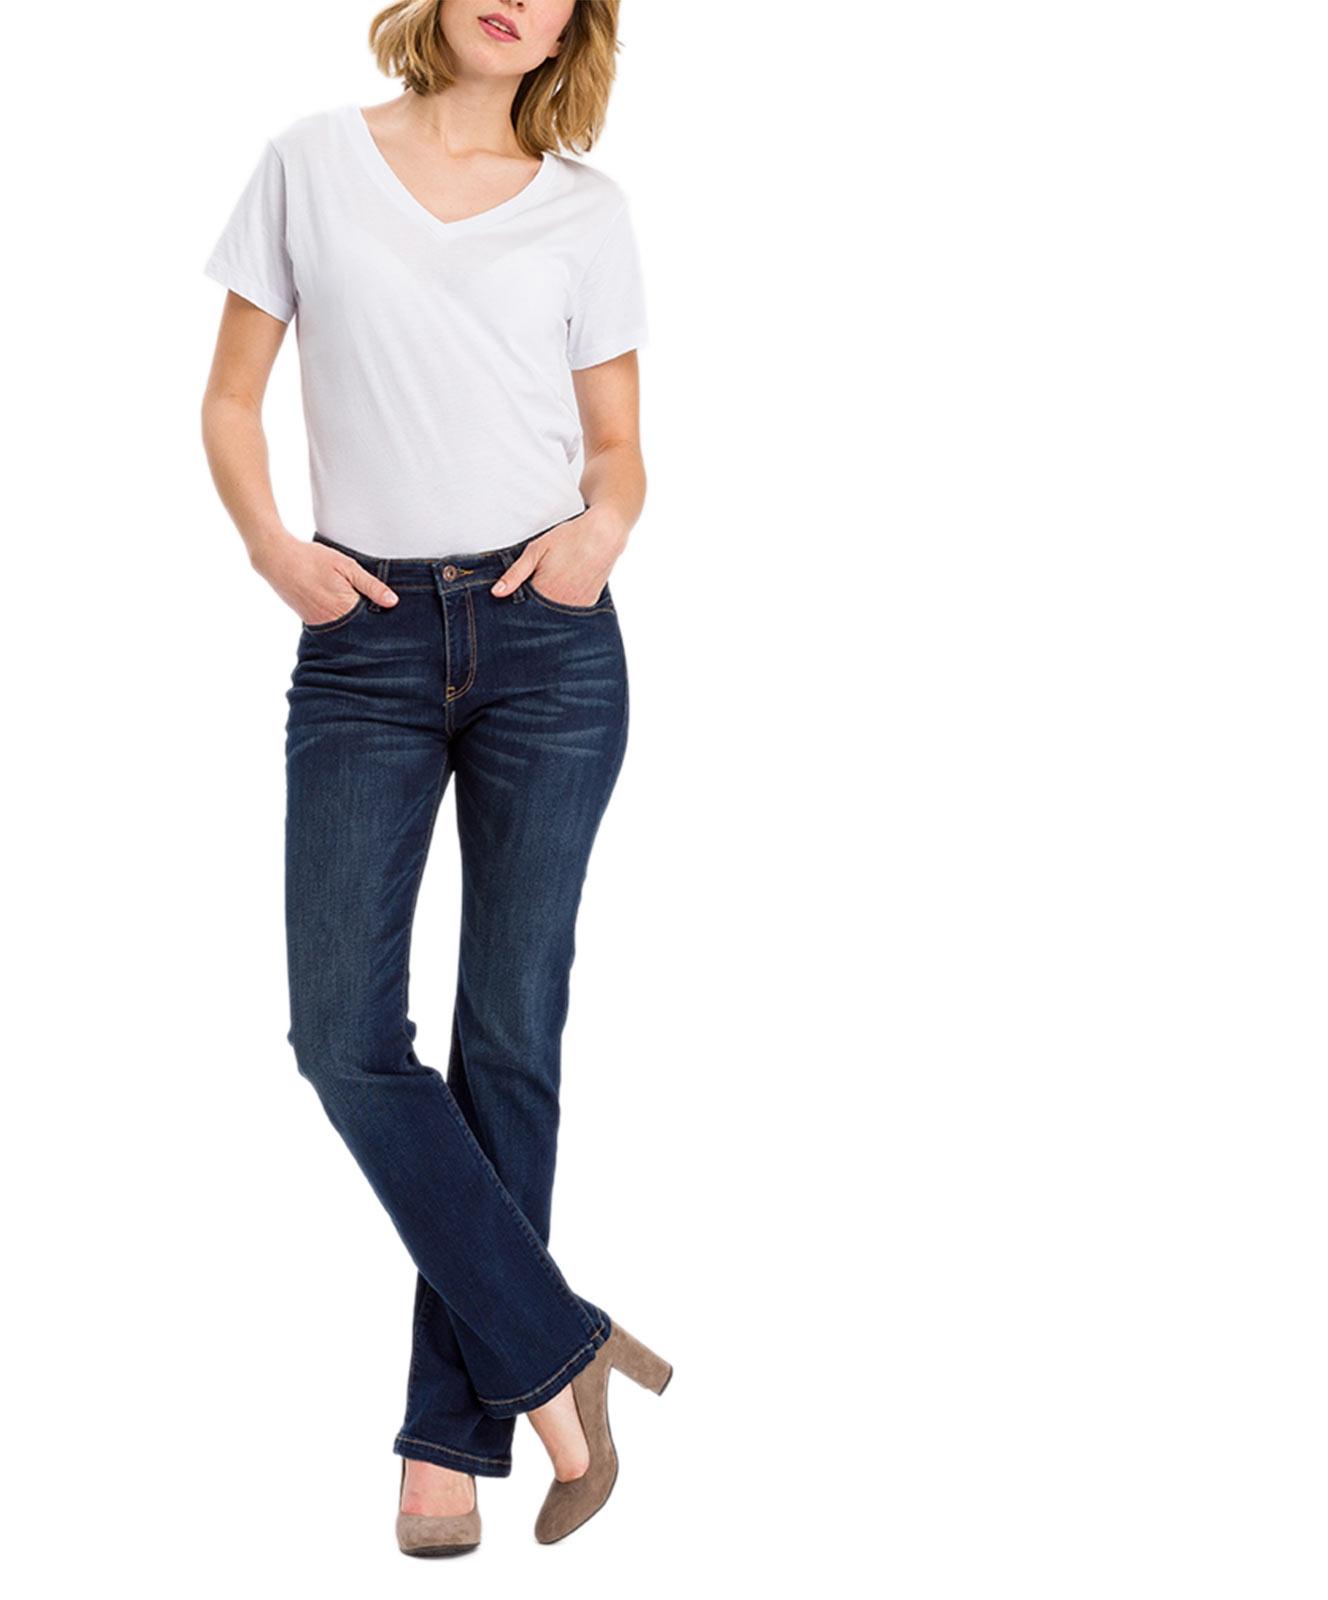 Hosen - Cross Bootcut Jeans Lauren in Deep Blue  - Onlineshop Jeans Meile